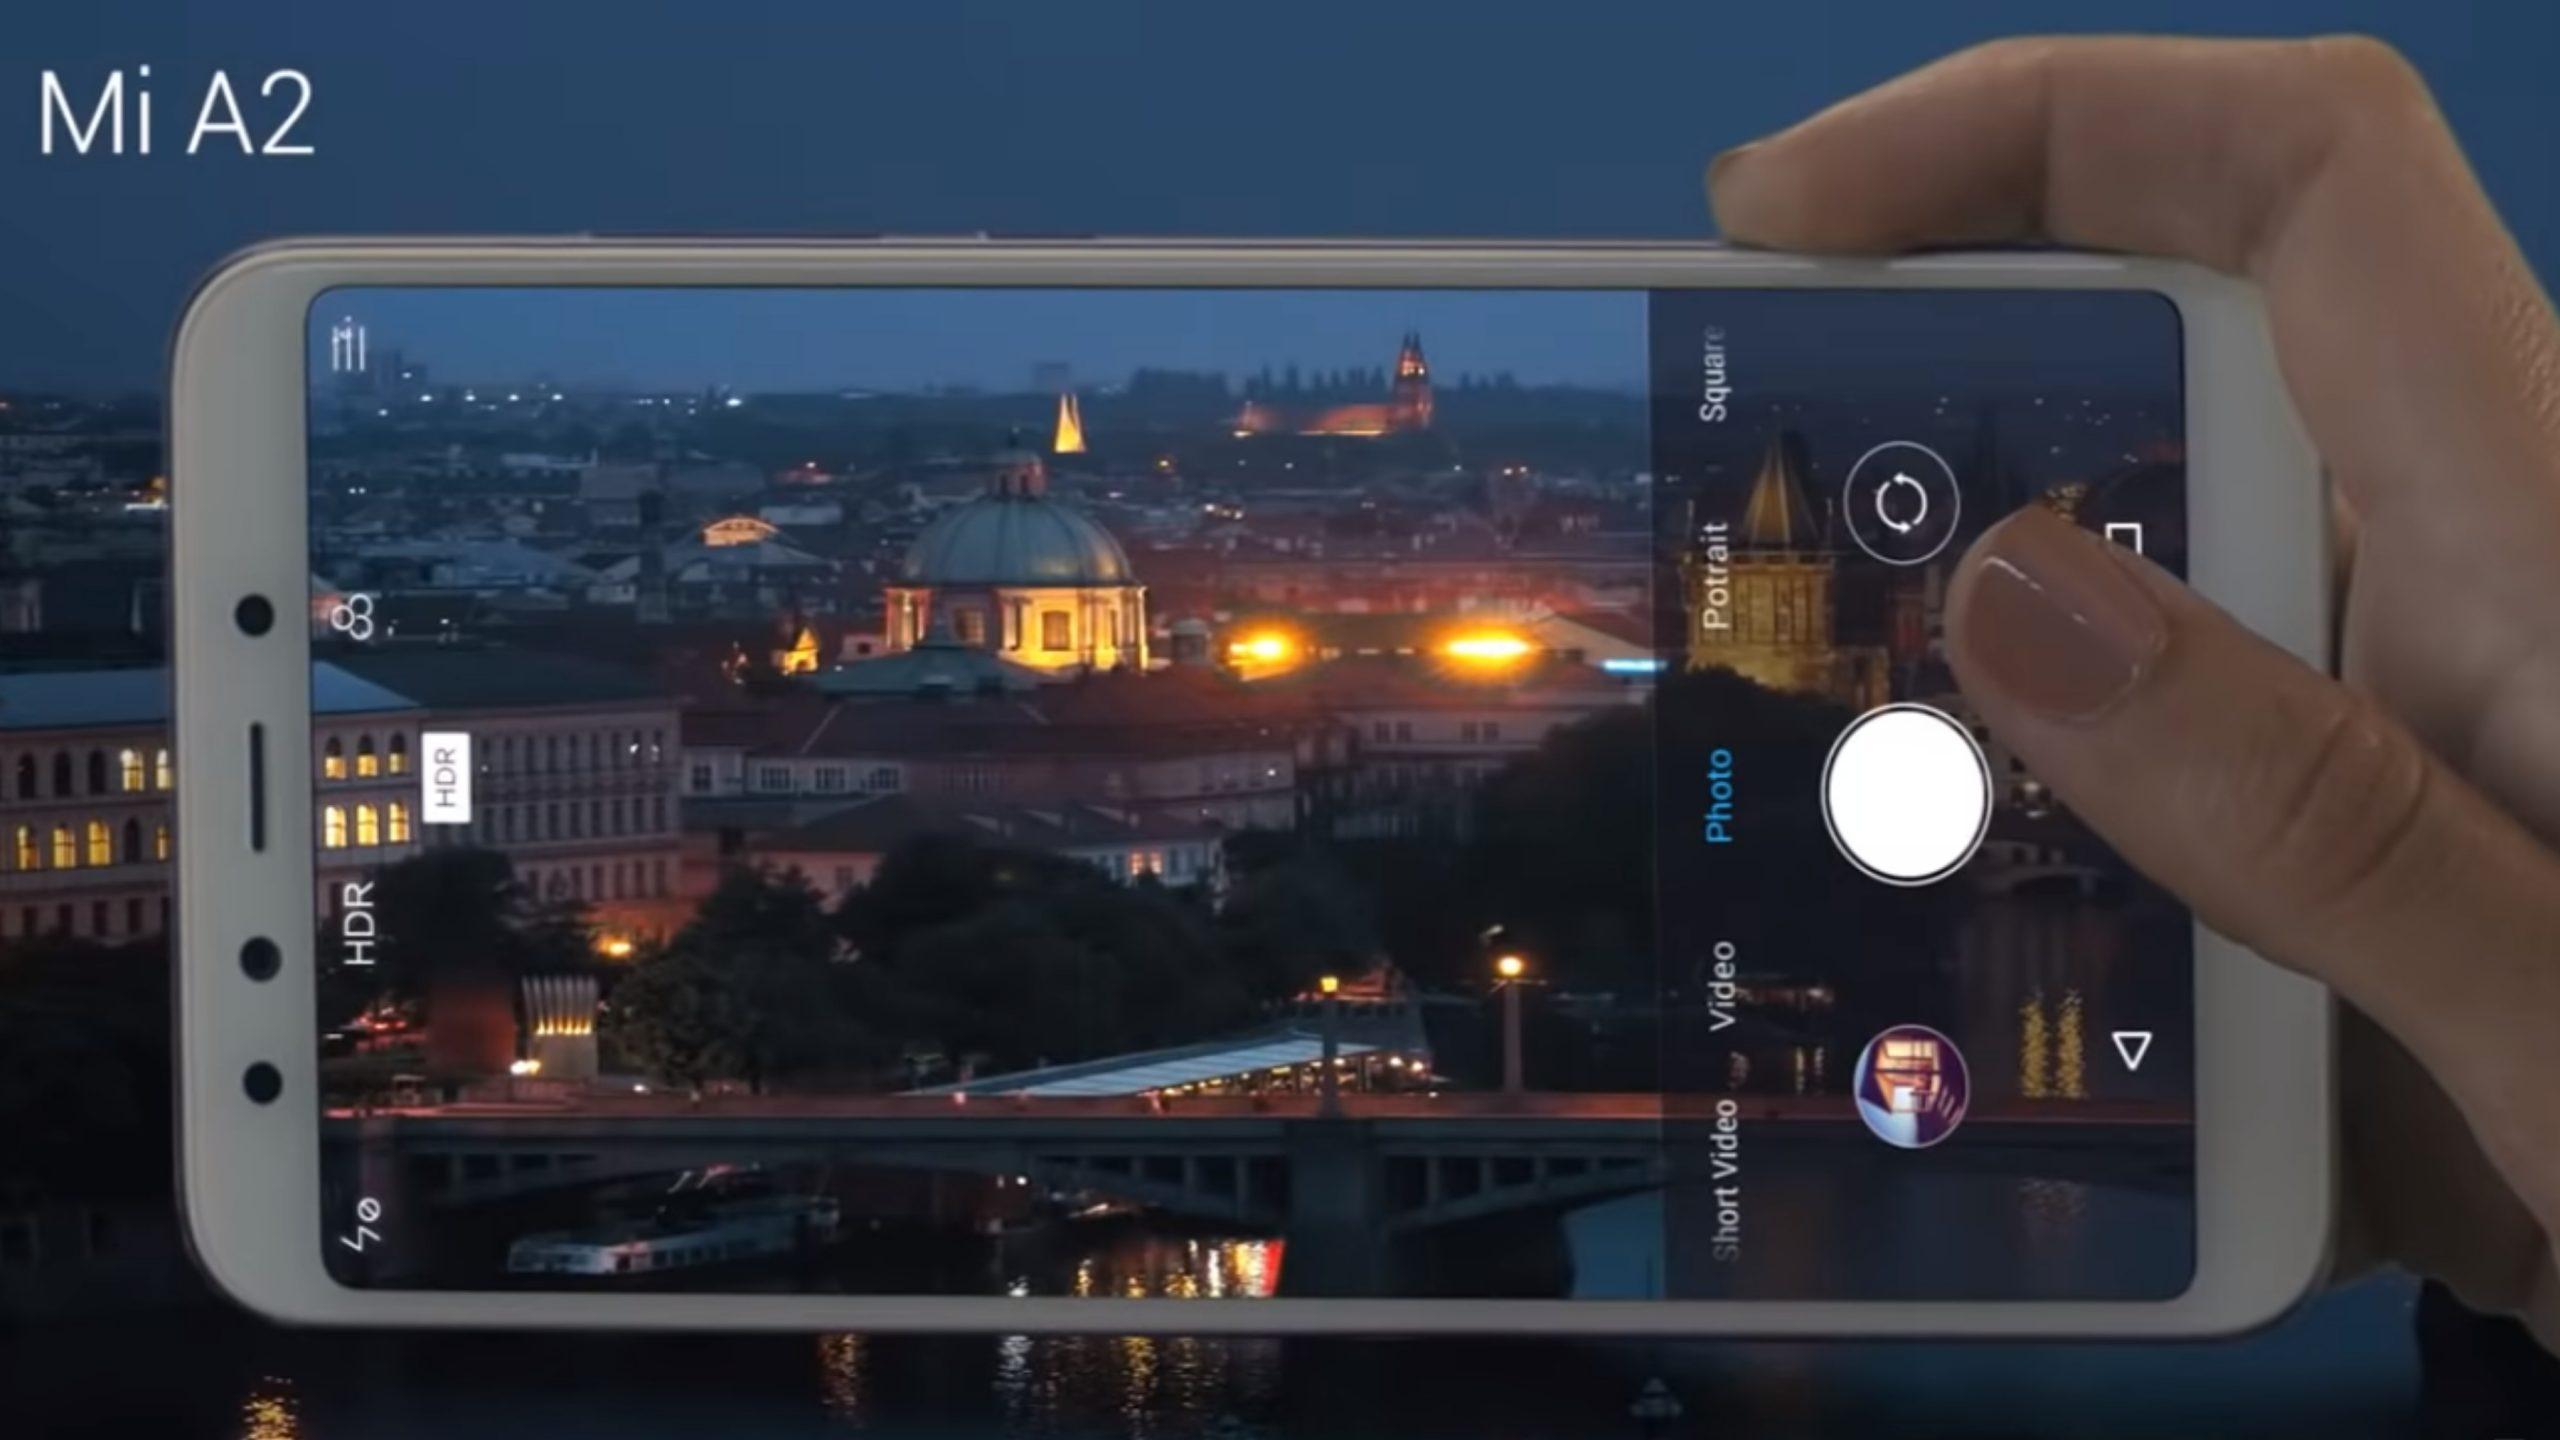 Xiaomi Mi A2 urtarrileko segurtasun adabakia Android erabiltzaileentzat erabilgarri dago